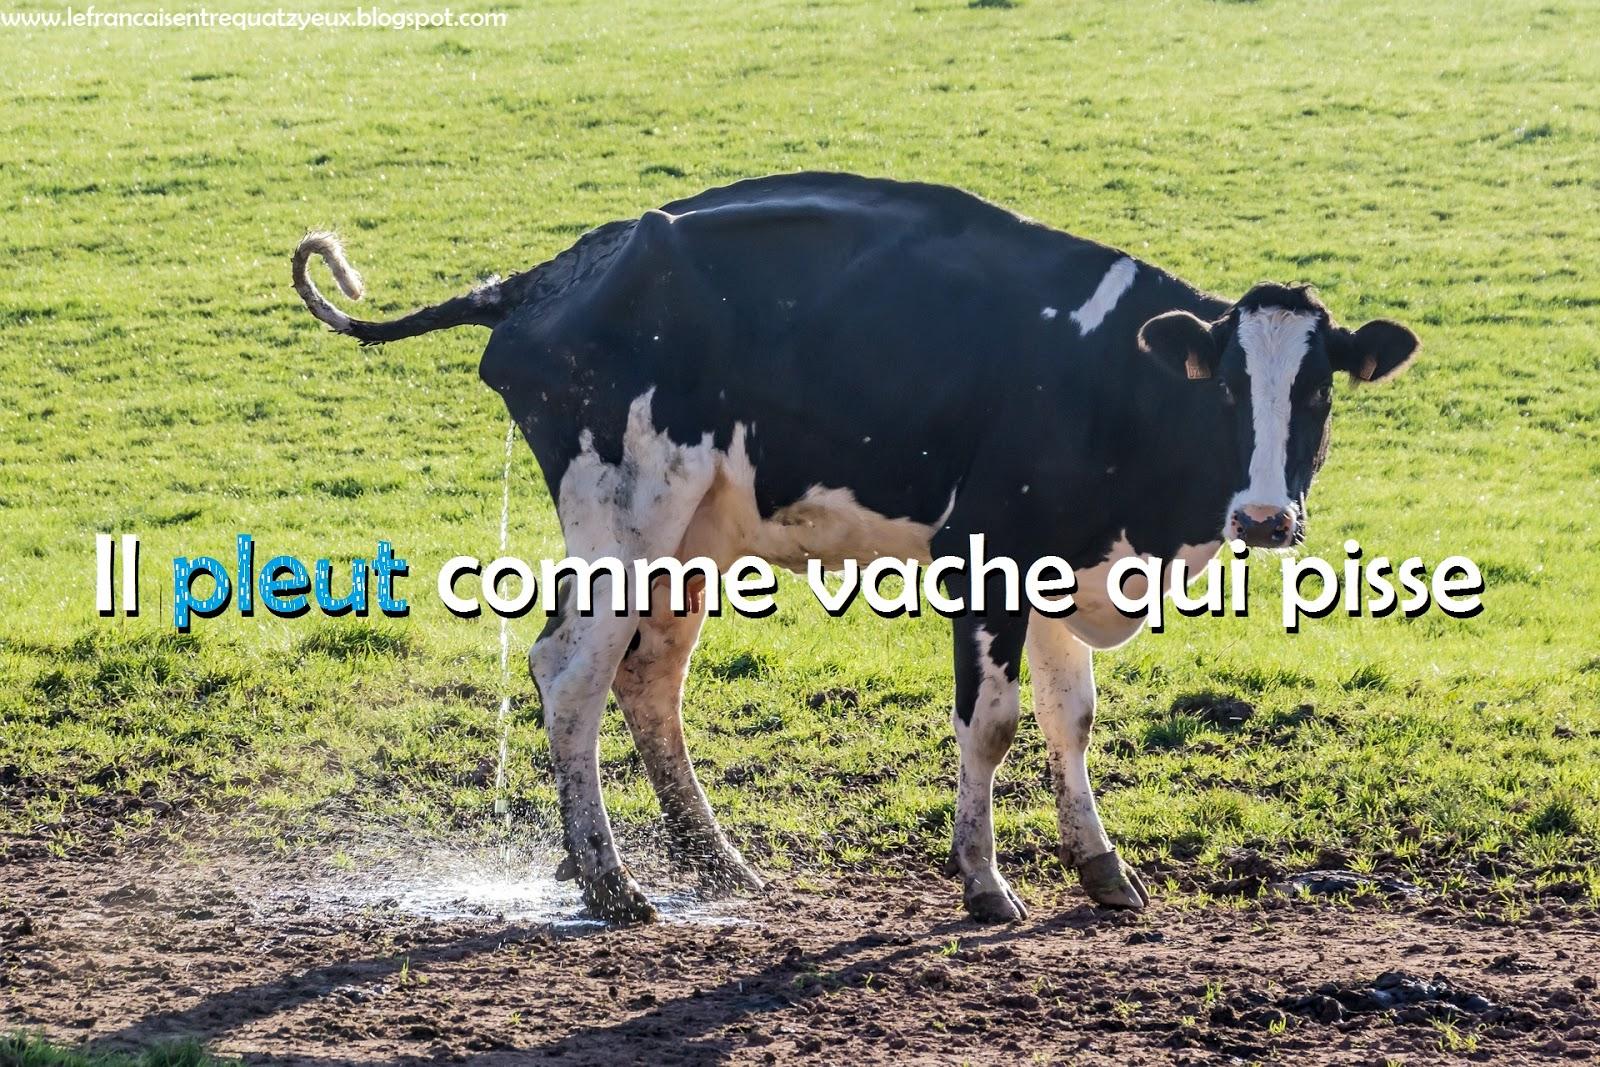 Expressions autour de la pluie (il pleut des hallebardes, comme vache qui  pisse, etc.) | Le français entre quat'z'yeux